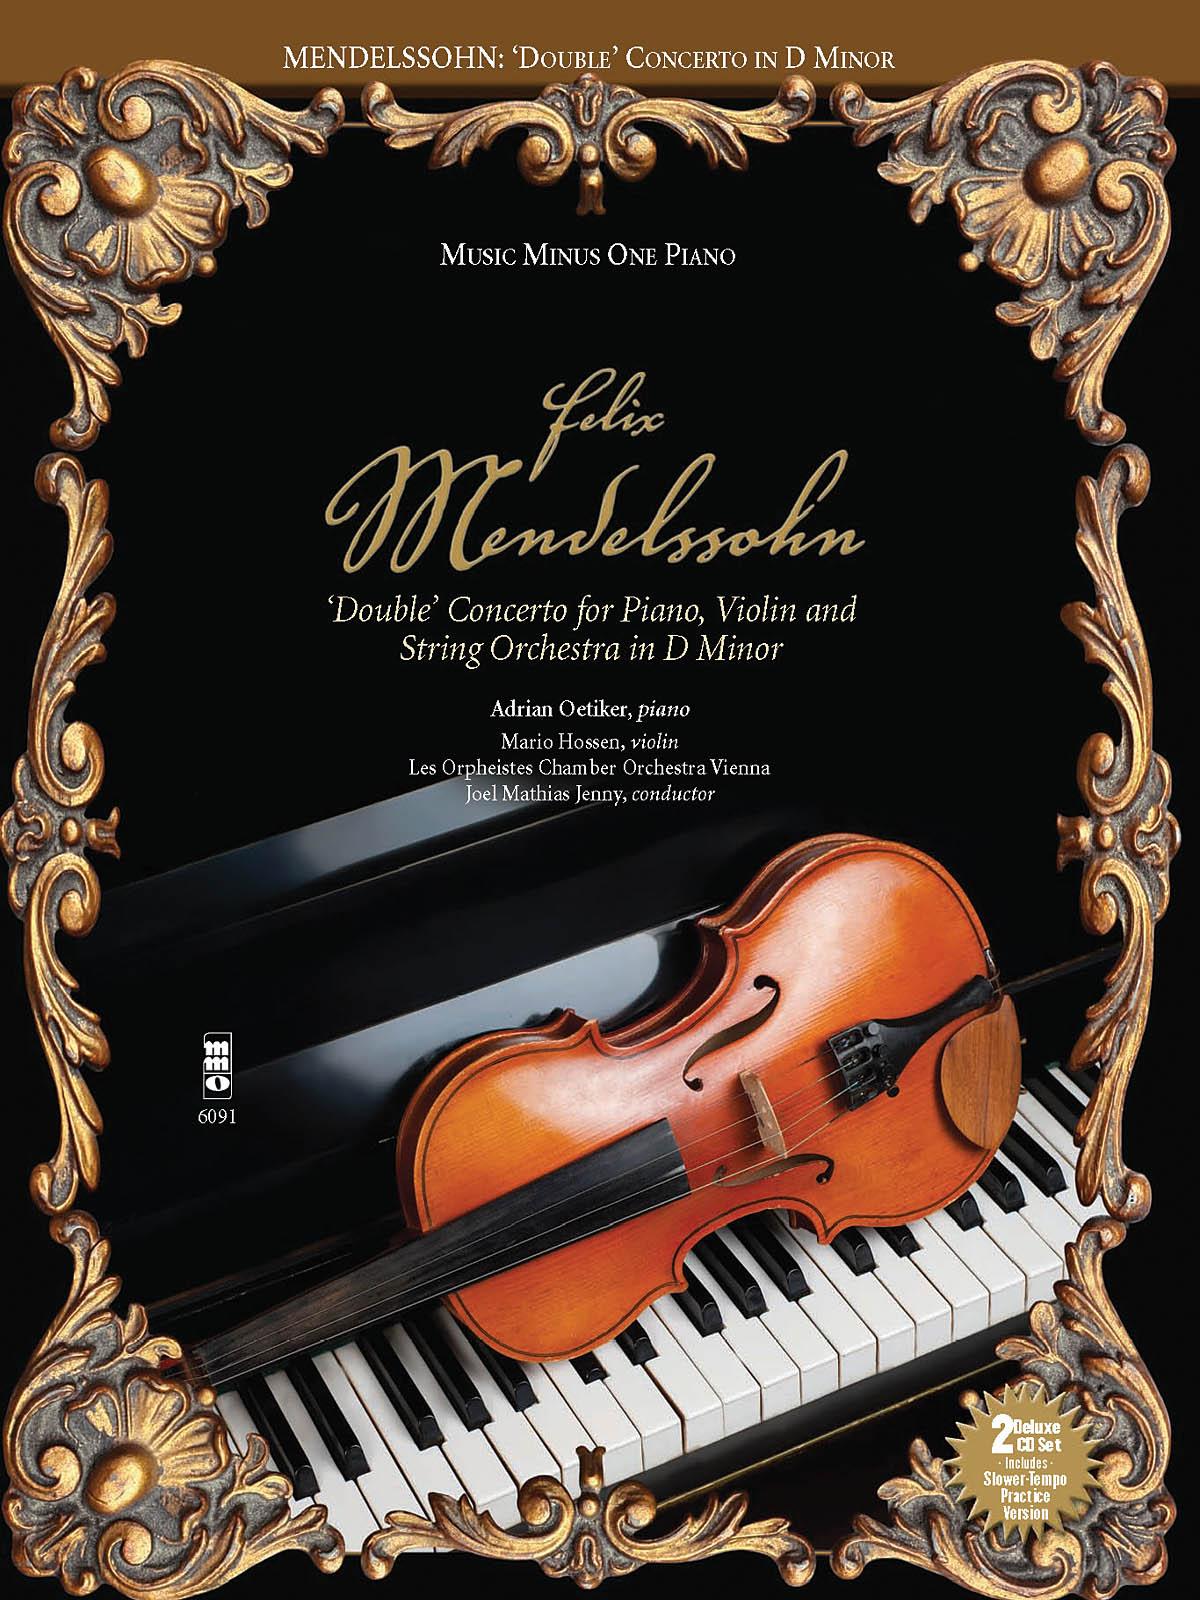 Felix Mendelssohn Bartholdy: Mendelssohn: String Orchestra and Solo: